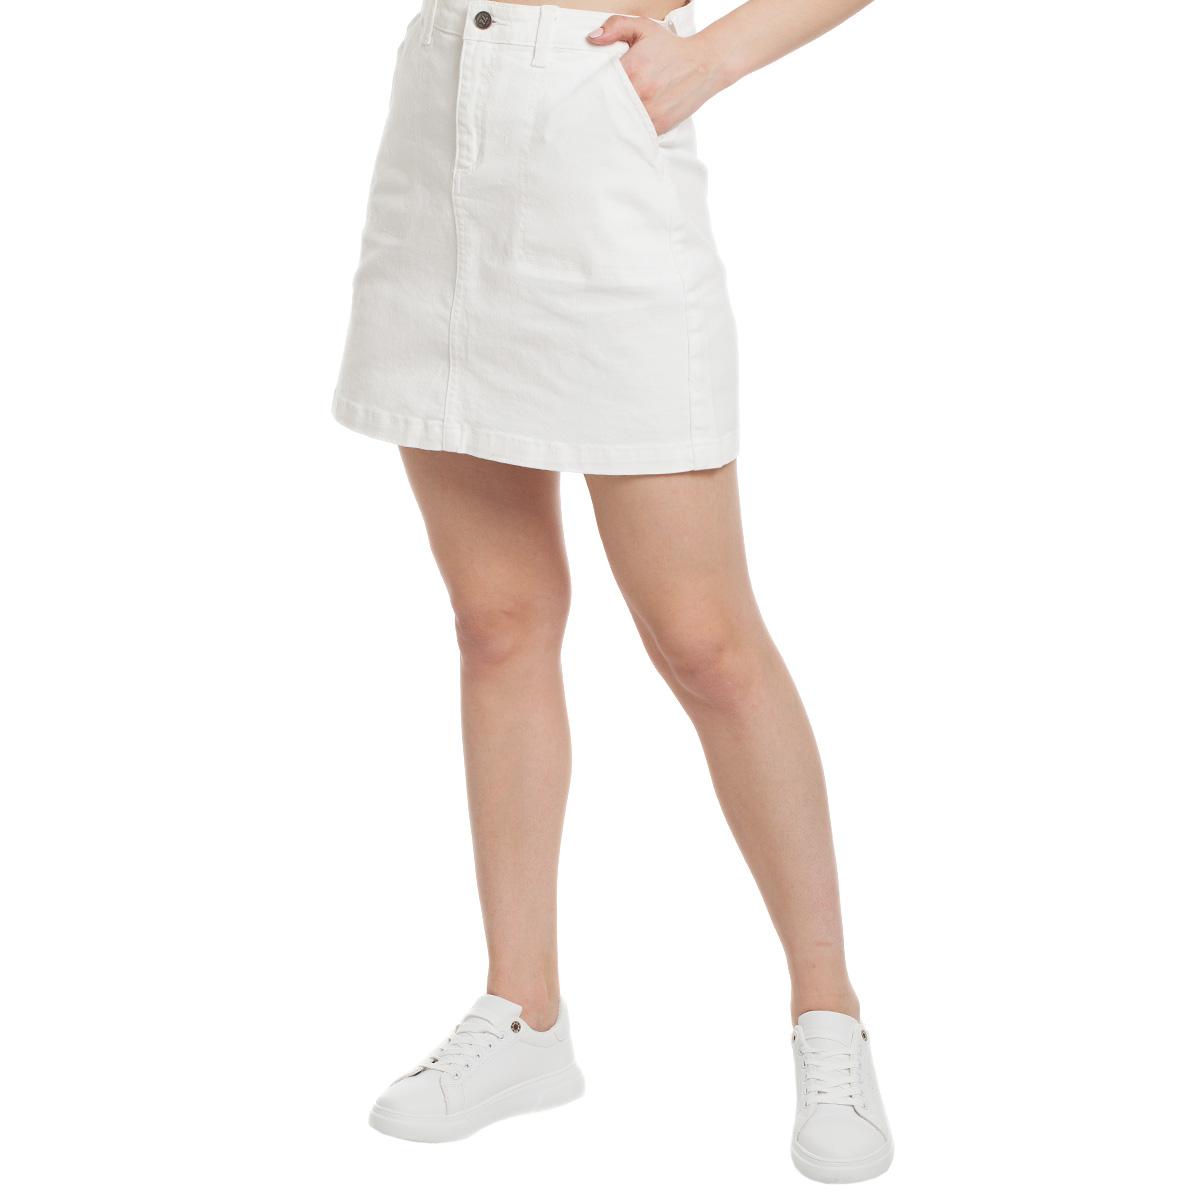 Юбка джинсовая Sevenext, W-194